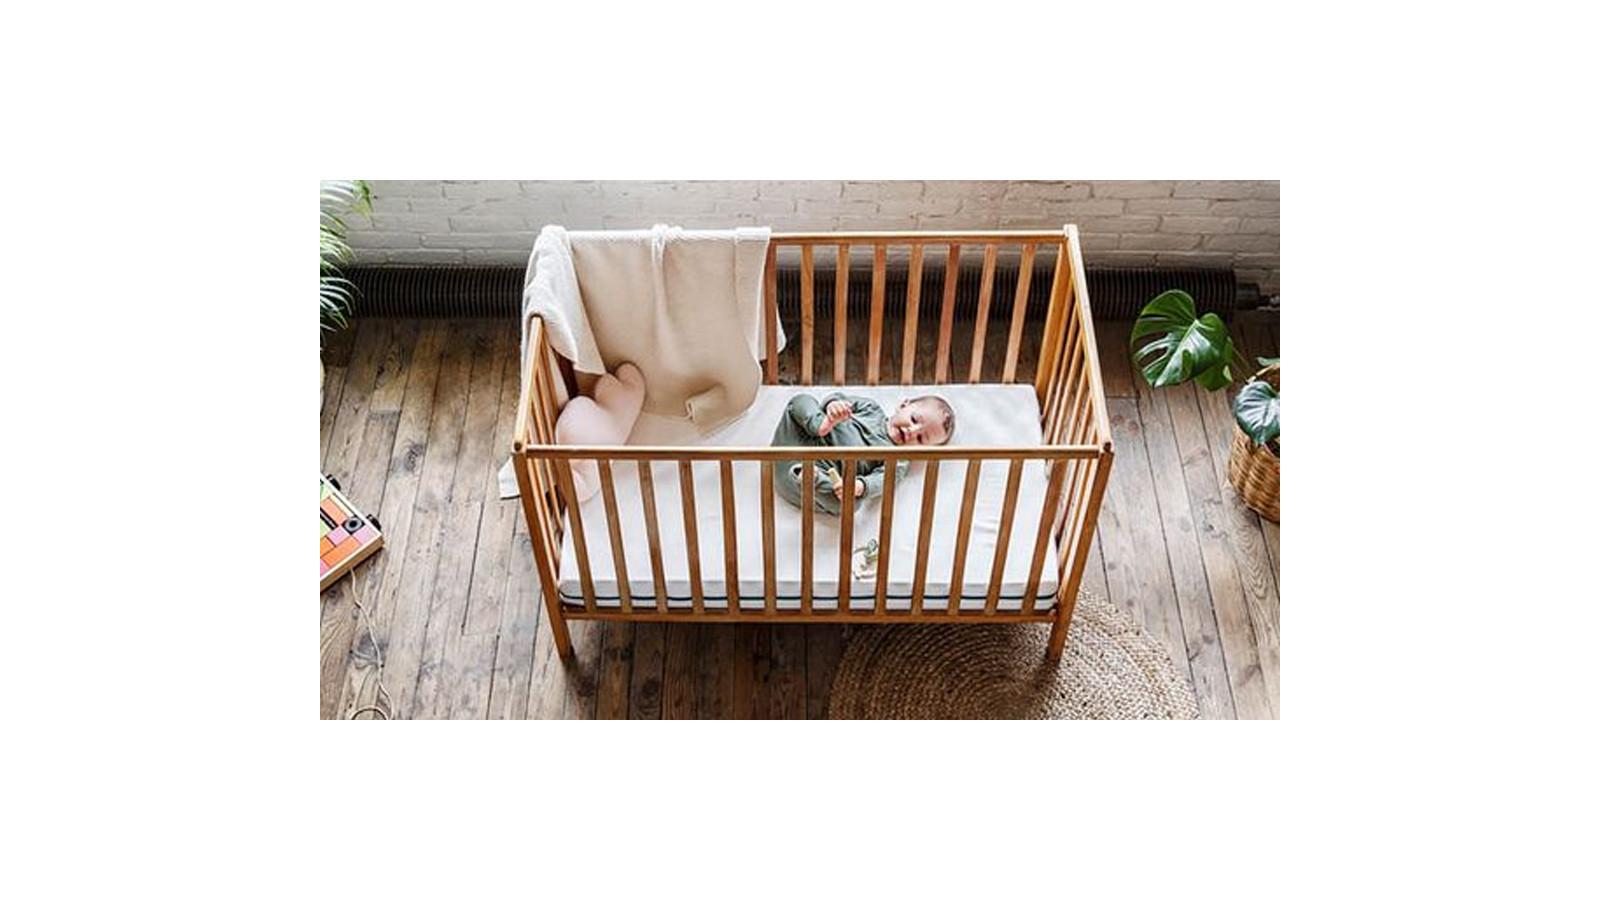 Chambre de bébé: l'agencer au moyen de matériaux sains